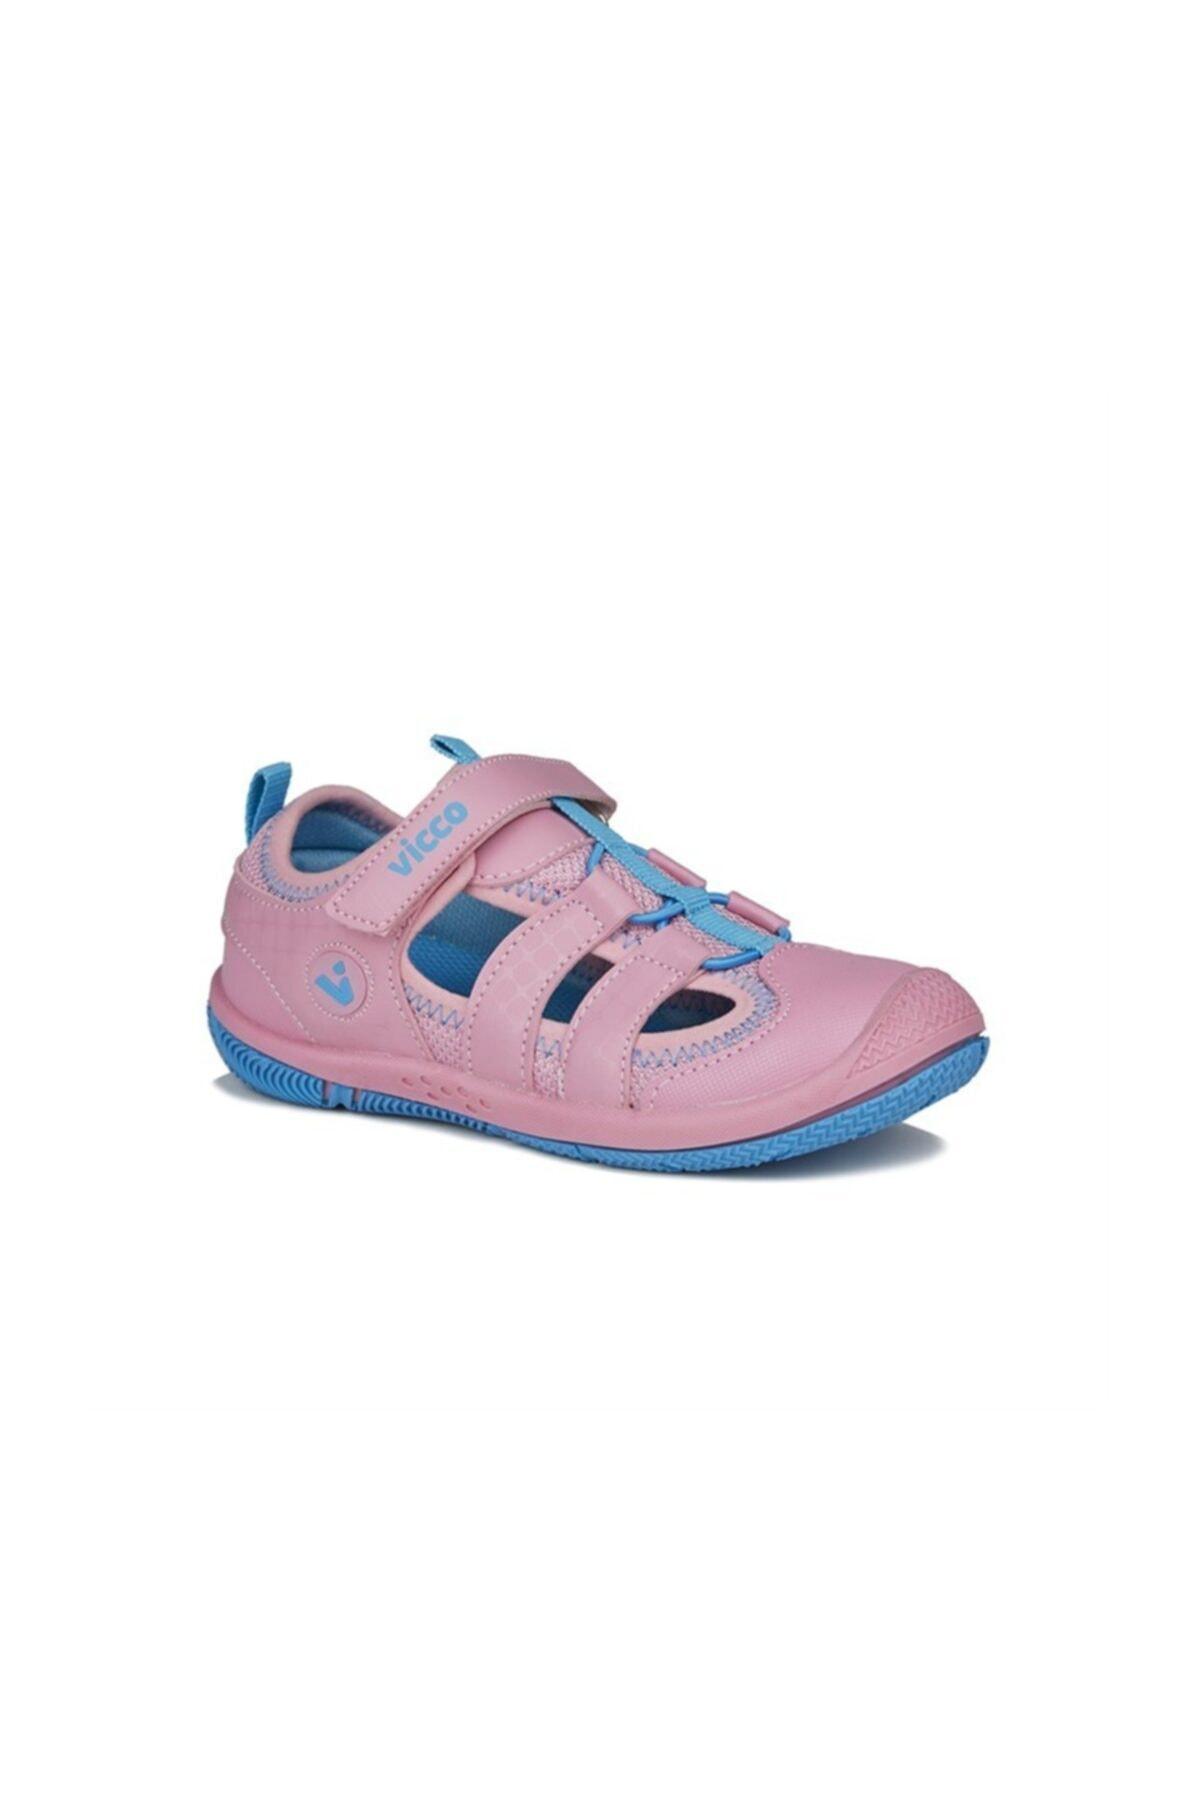 Vicco Sunny Sandalet Pembe 1